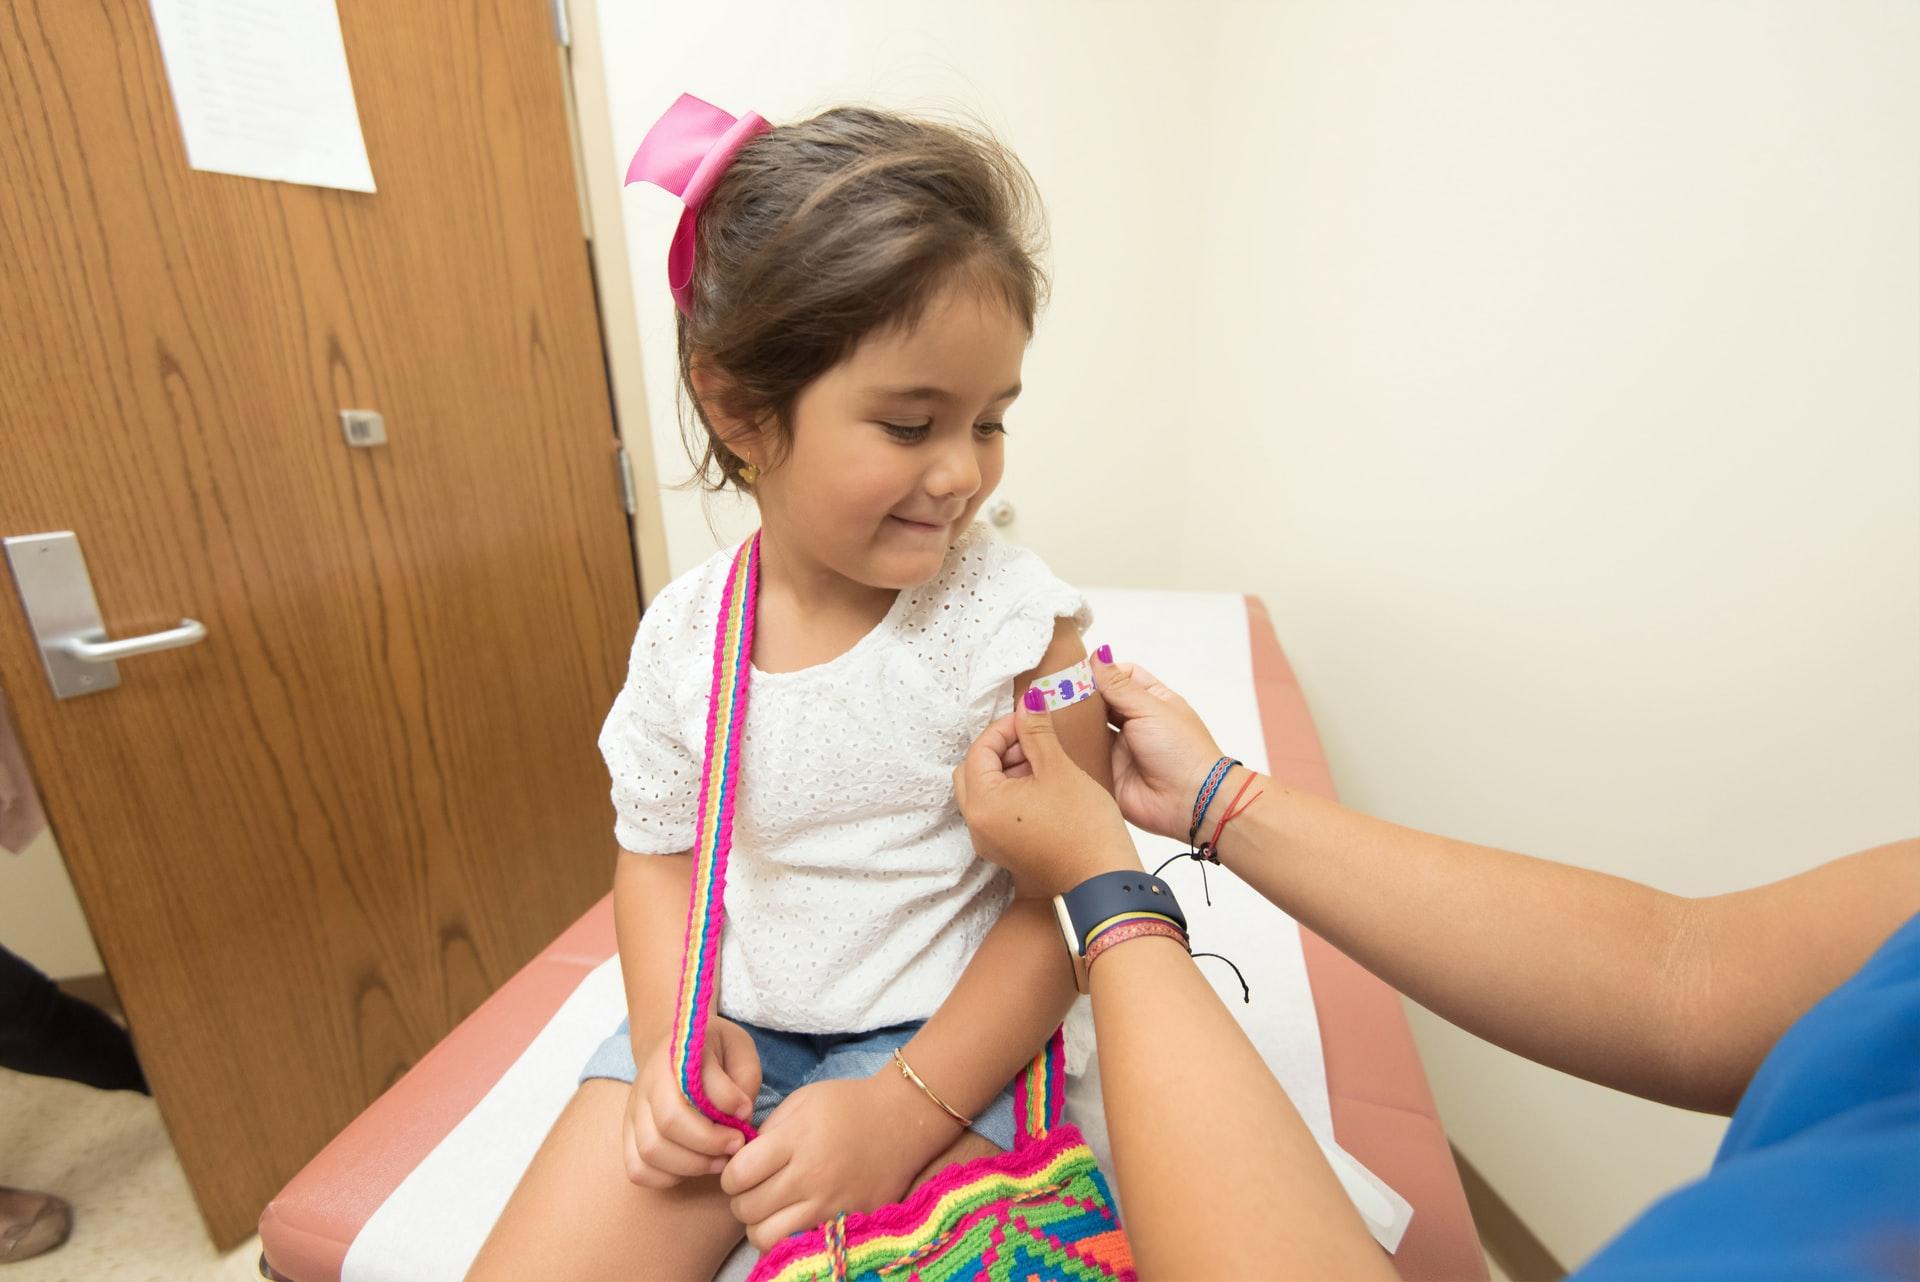 Barn på sjukhussäng får plåster på armen